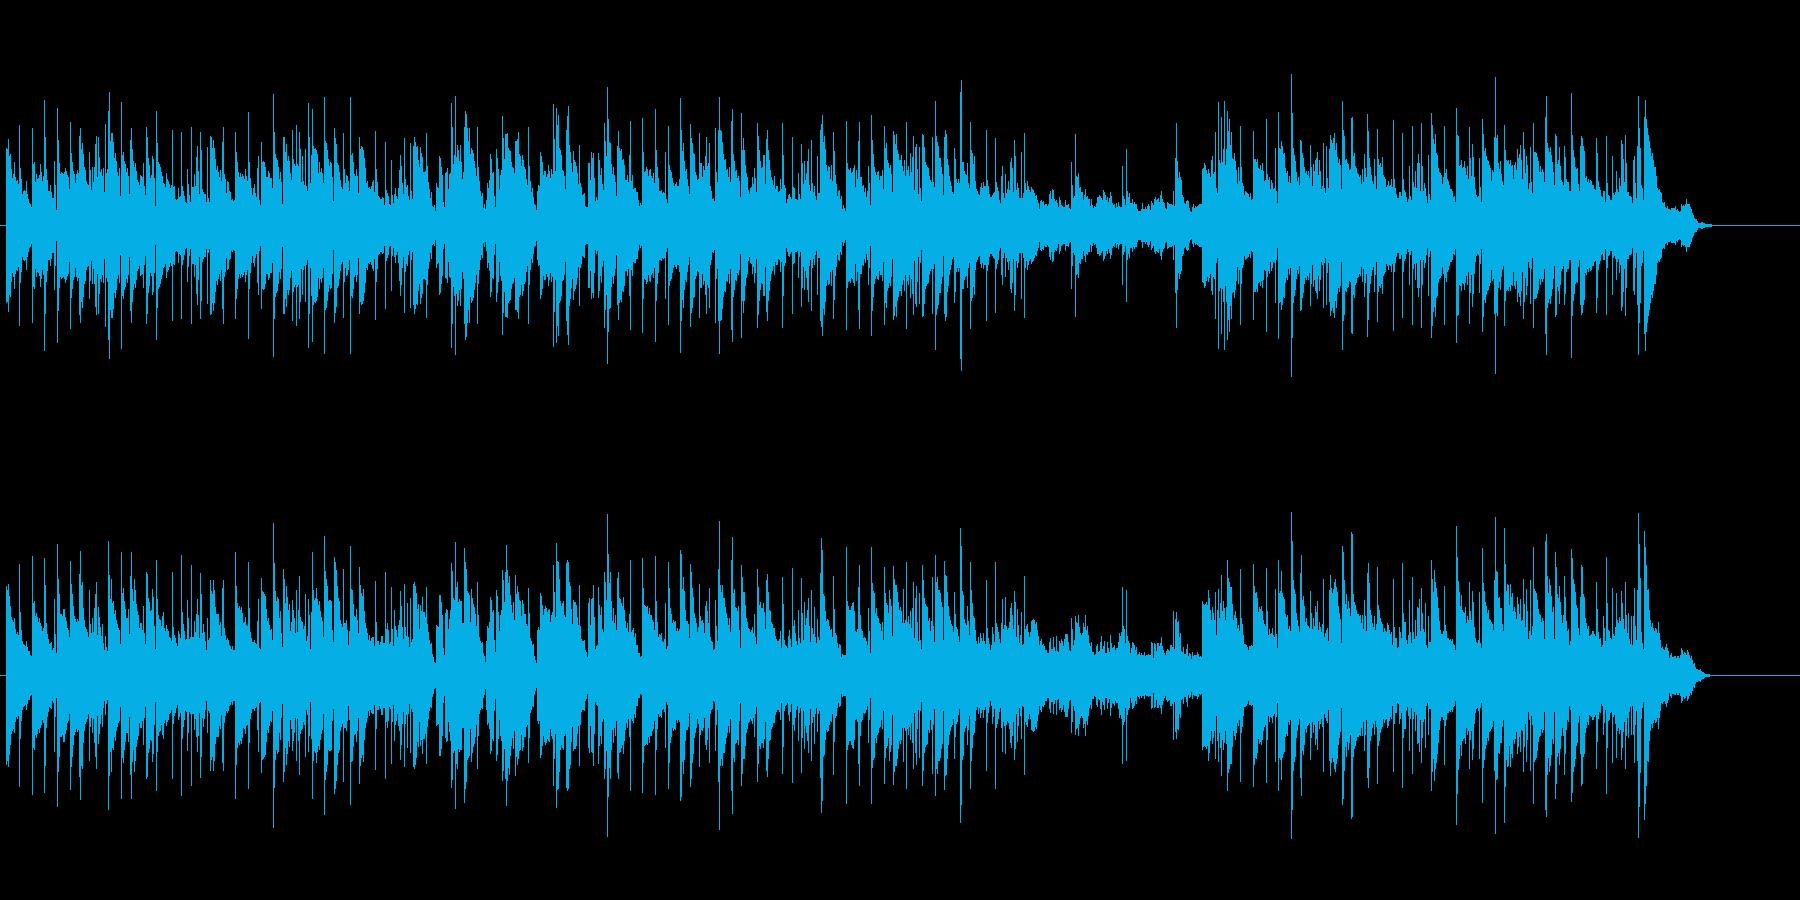 坦々とした構成のフュージョン風の再生済みの波形